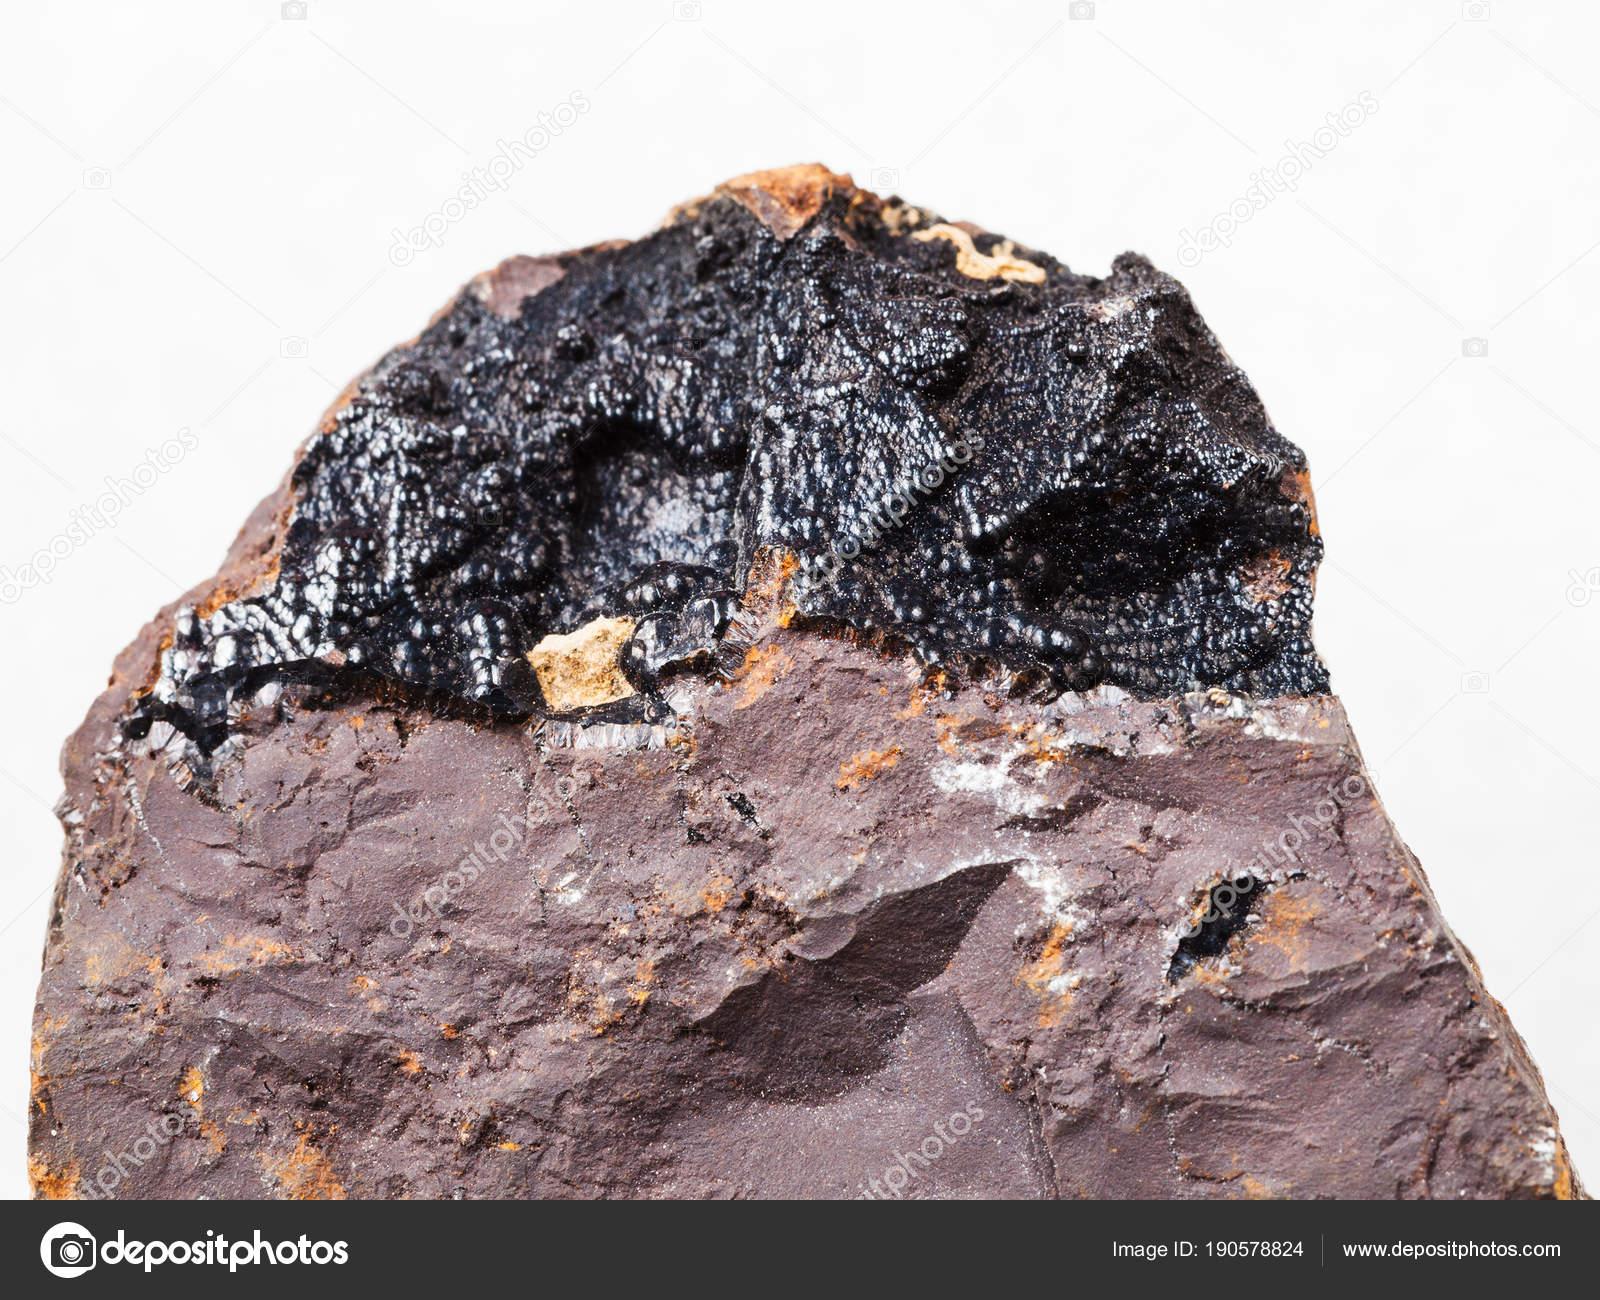 ゲーサイト鉱石褐鉄鉱石の上は白...